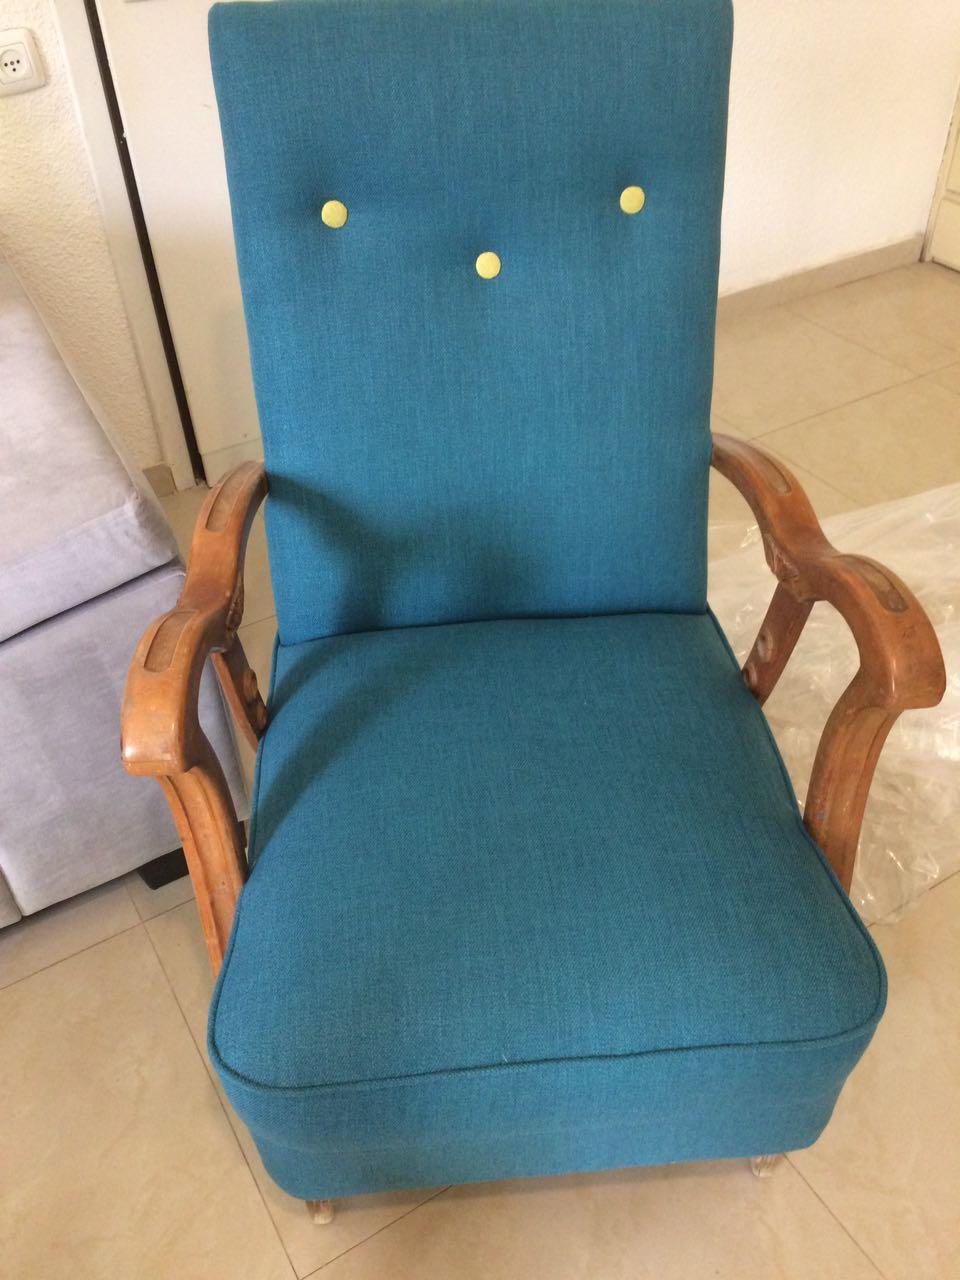 כורסא כחולה עם כפתורים ירוקים